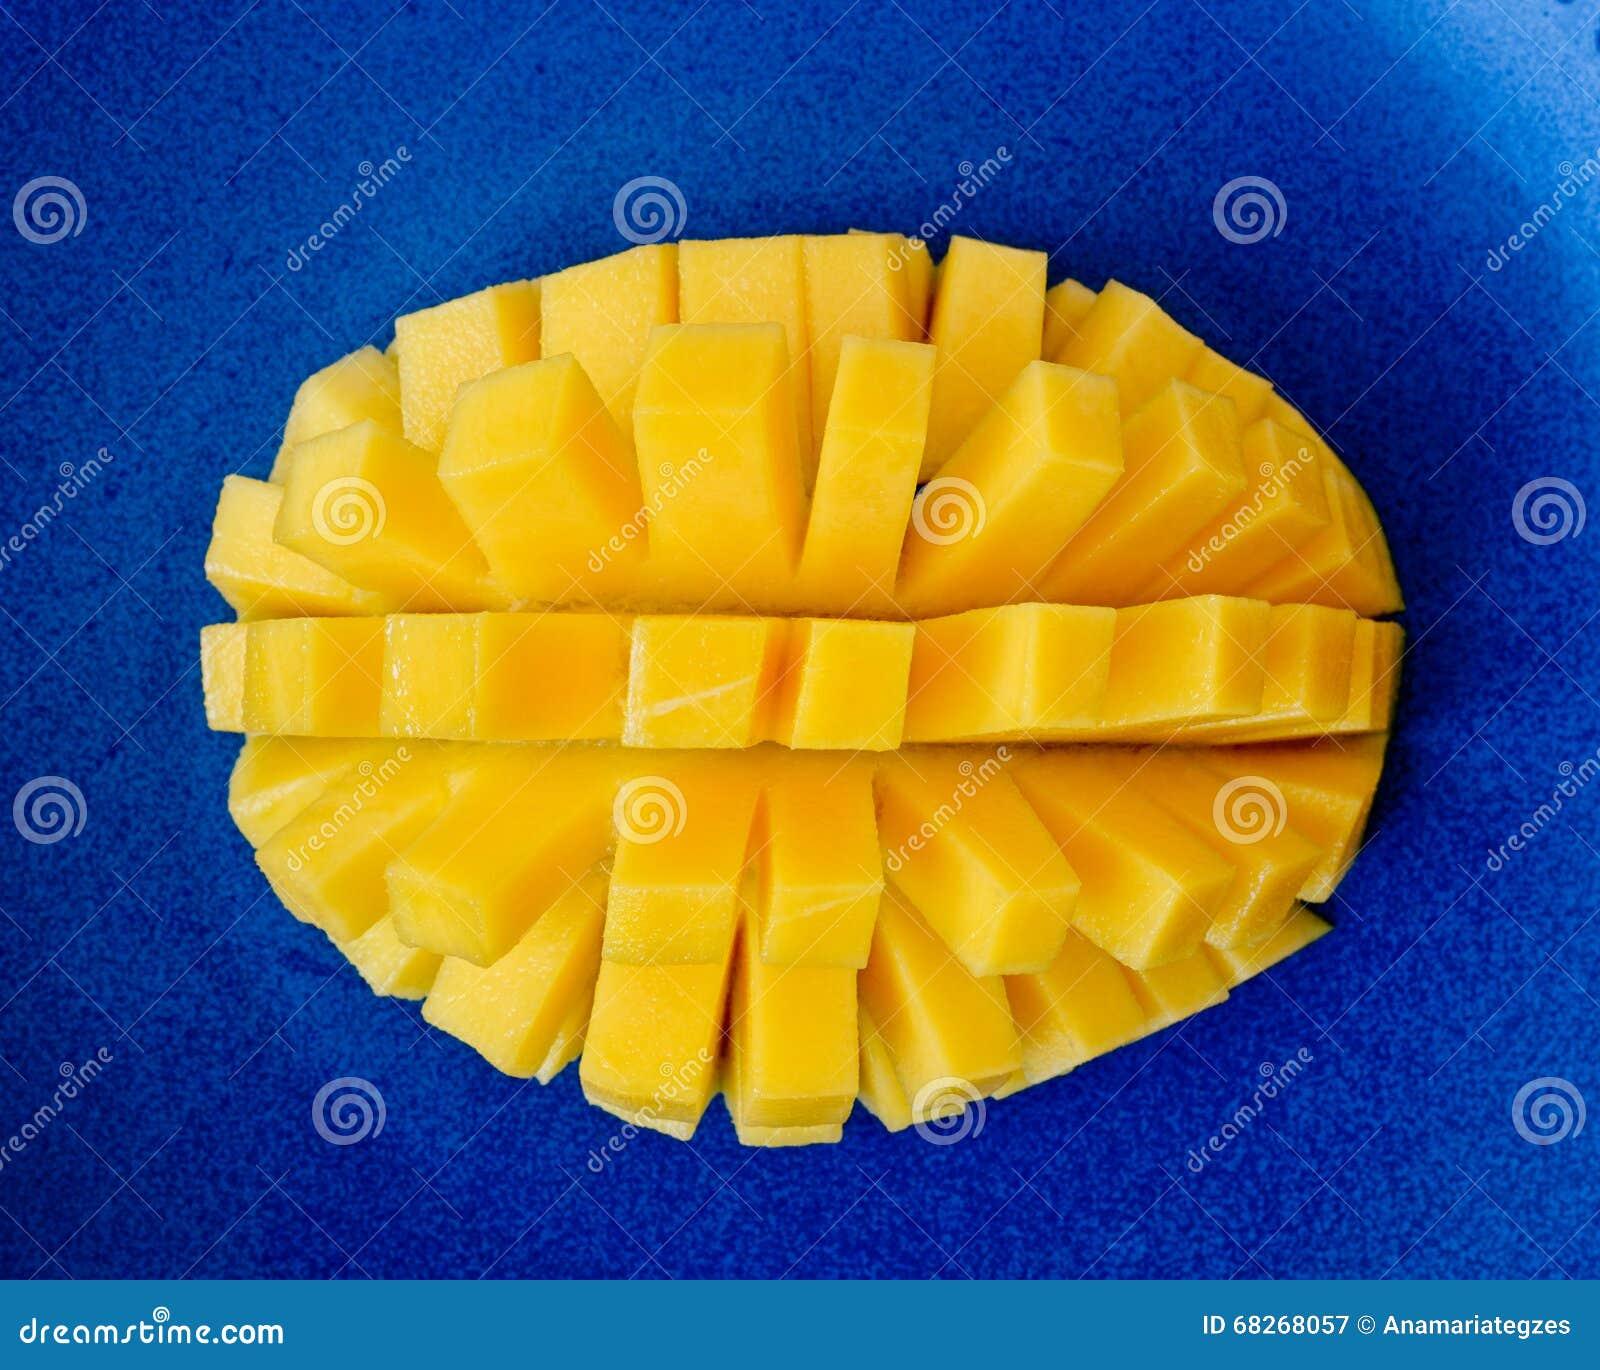 Mango hedgehog cut stock image image of white plate 68268057 mango hedgehog cut ccuart Choice Image